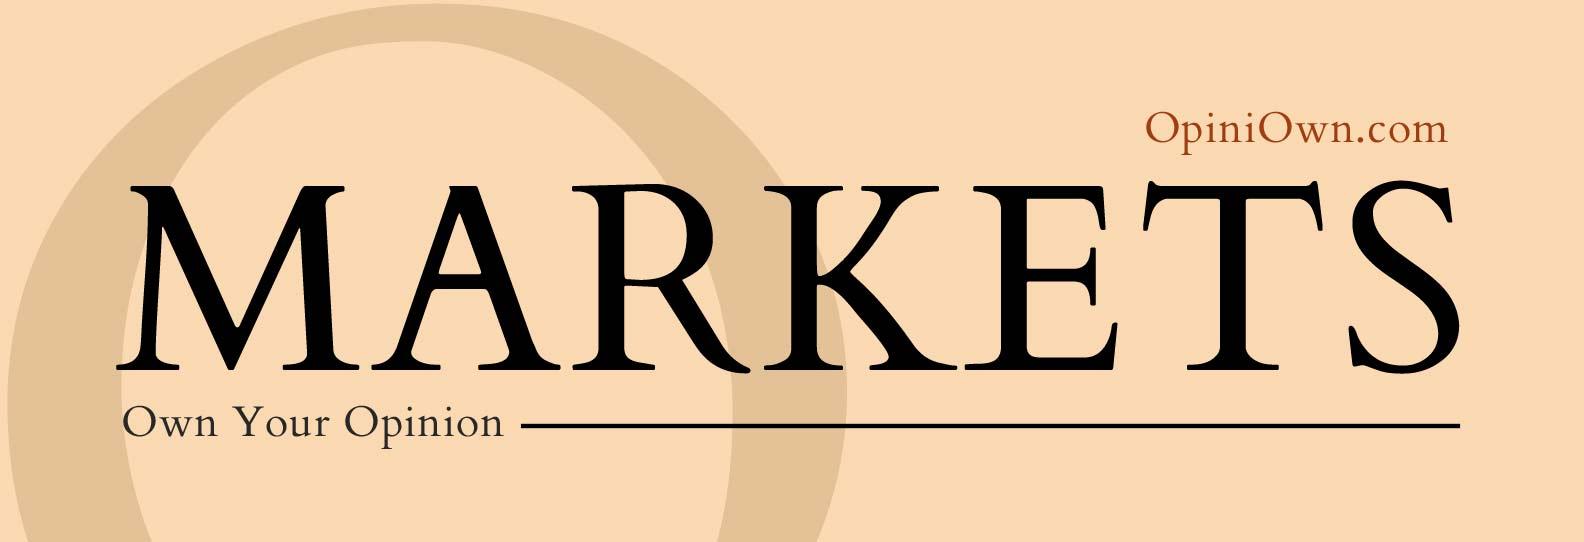 20-05-13---MARKETS-header